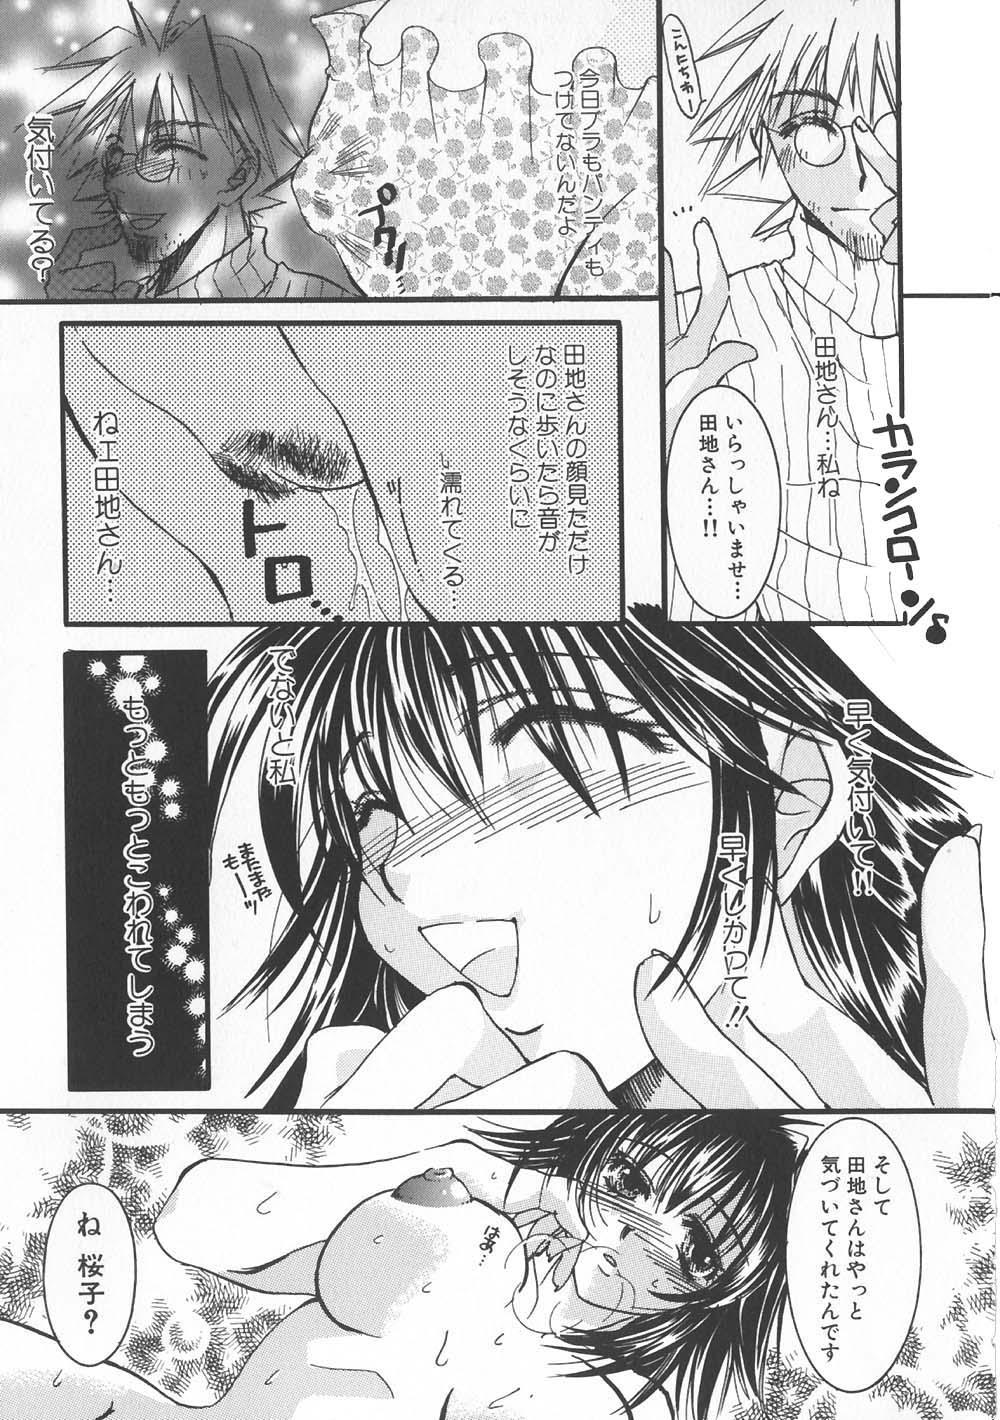 Gochuumon wa Okimari Desuka 142